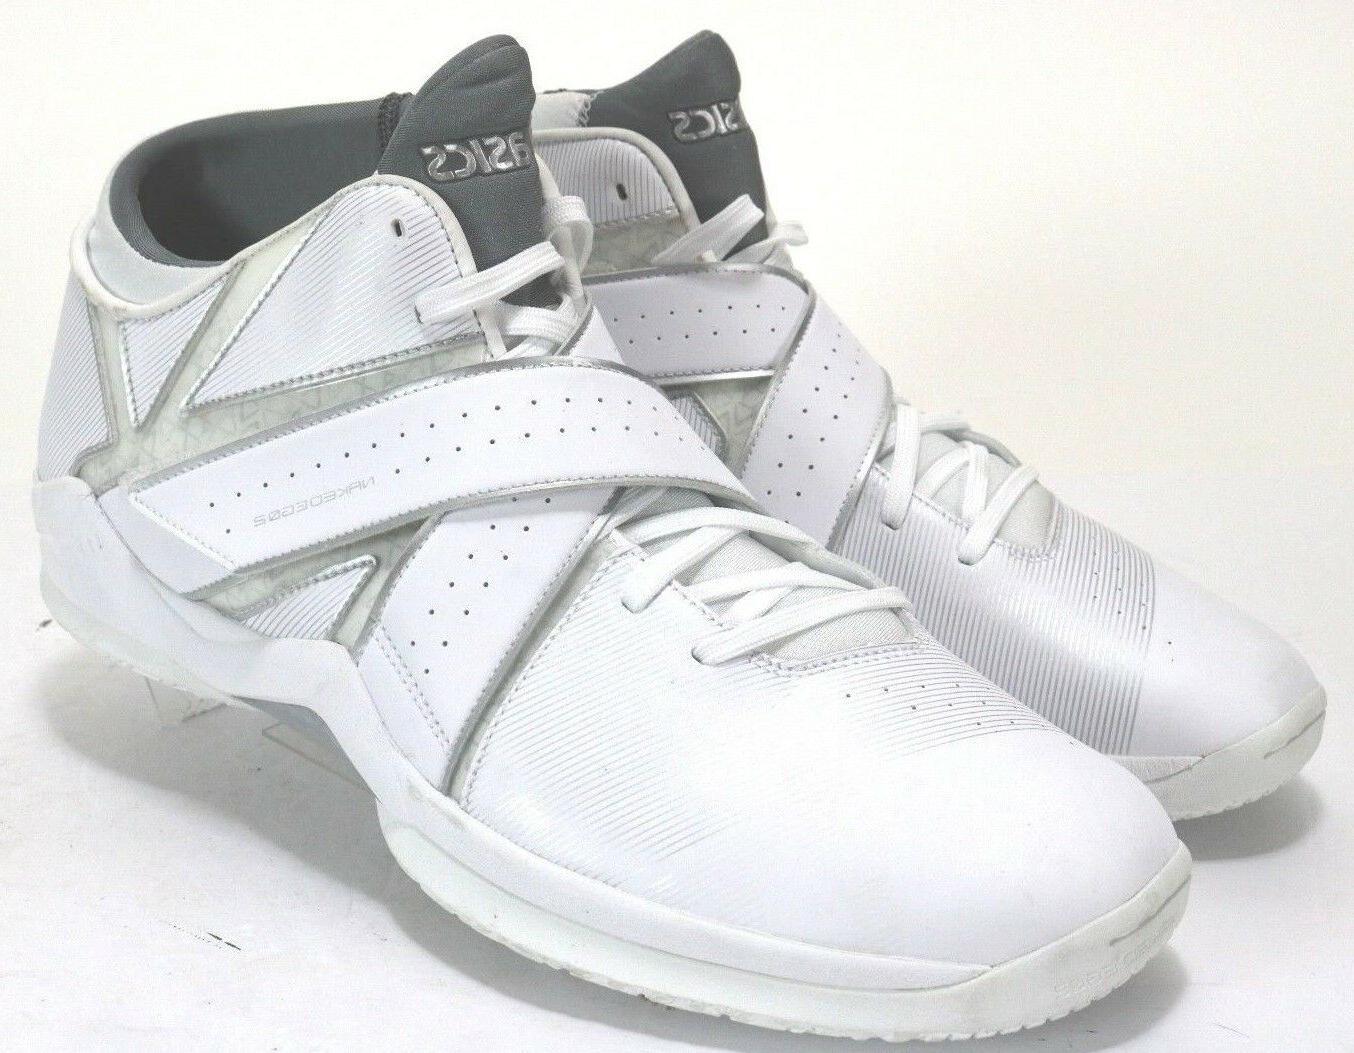 Asics NEW Naked EG02 $120 Men's High Tops Basketball Shoes S